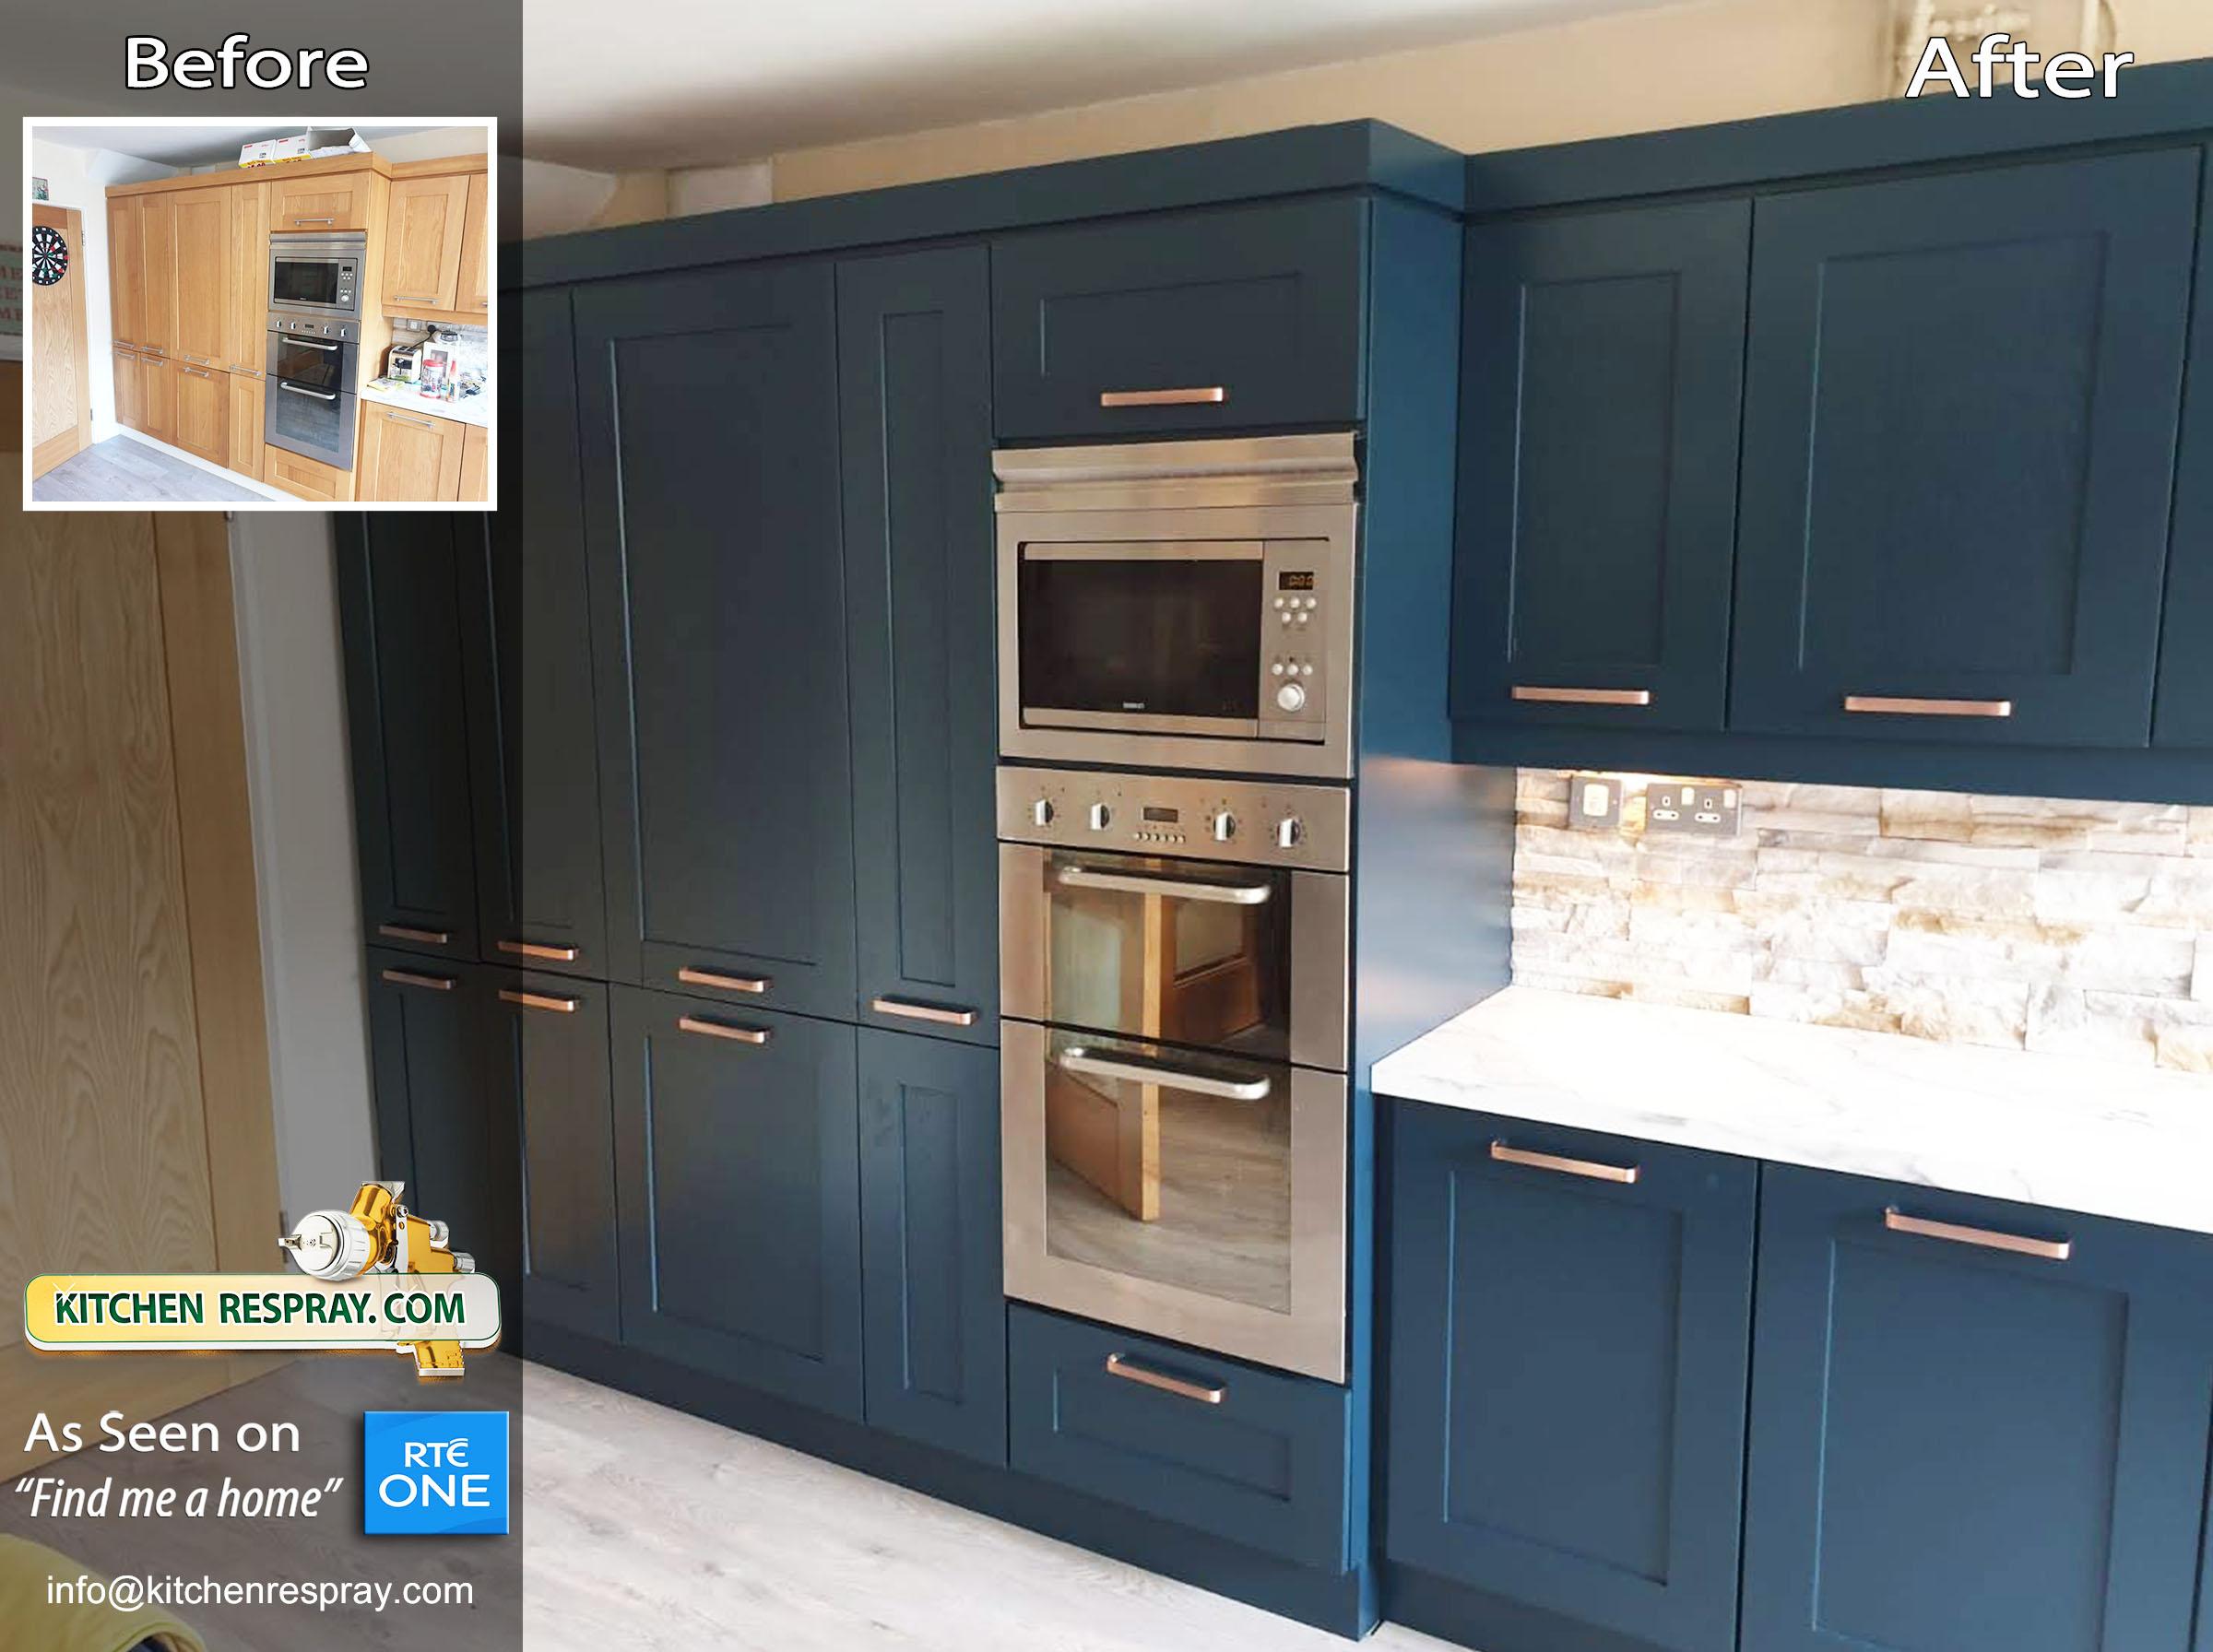 Kitchen Respray Stiffkey blue